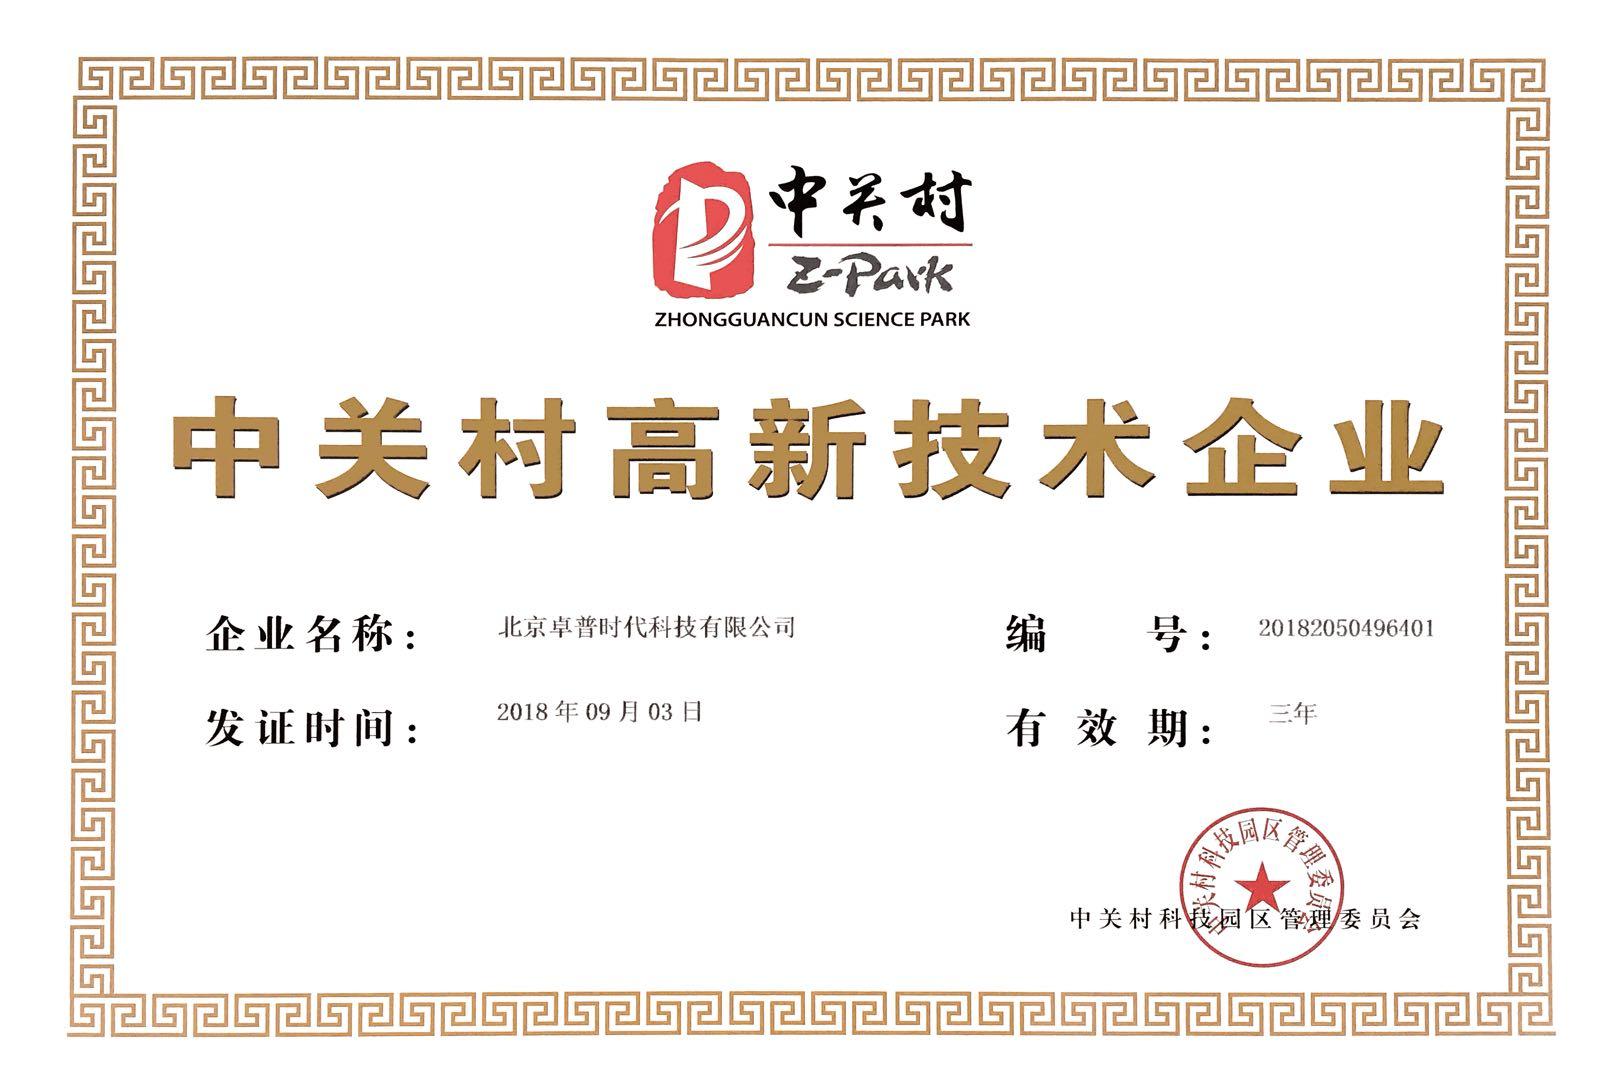 北京卓普荣获《中关村高新技术企业》荣誉称号